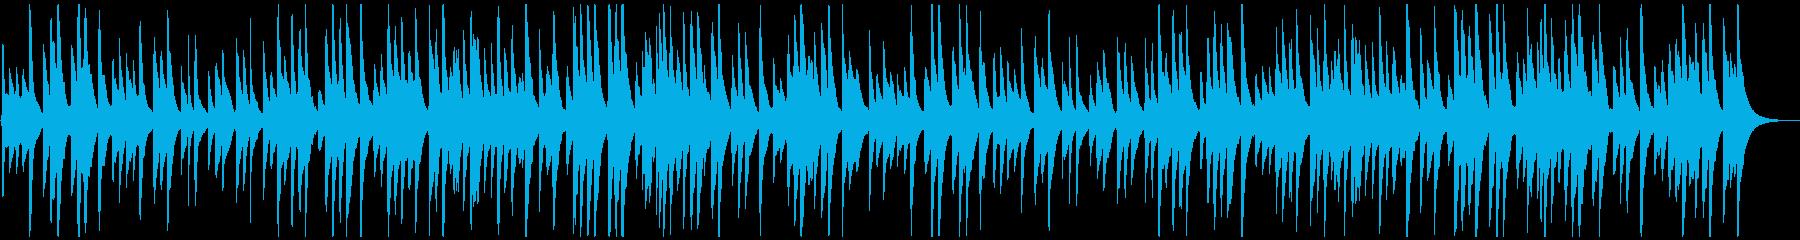 和風/落ち着いた料亭で流れる琴の再生済みの波形